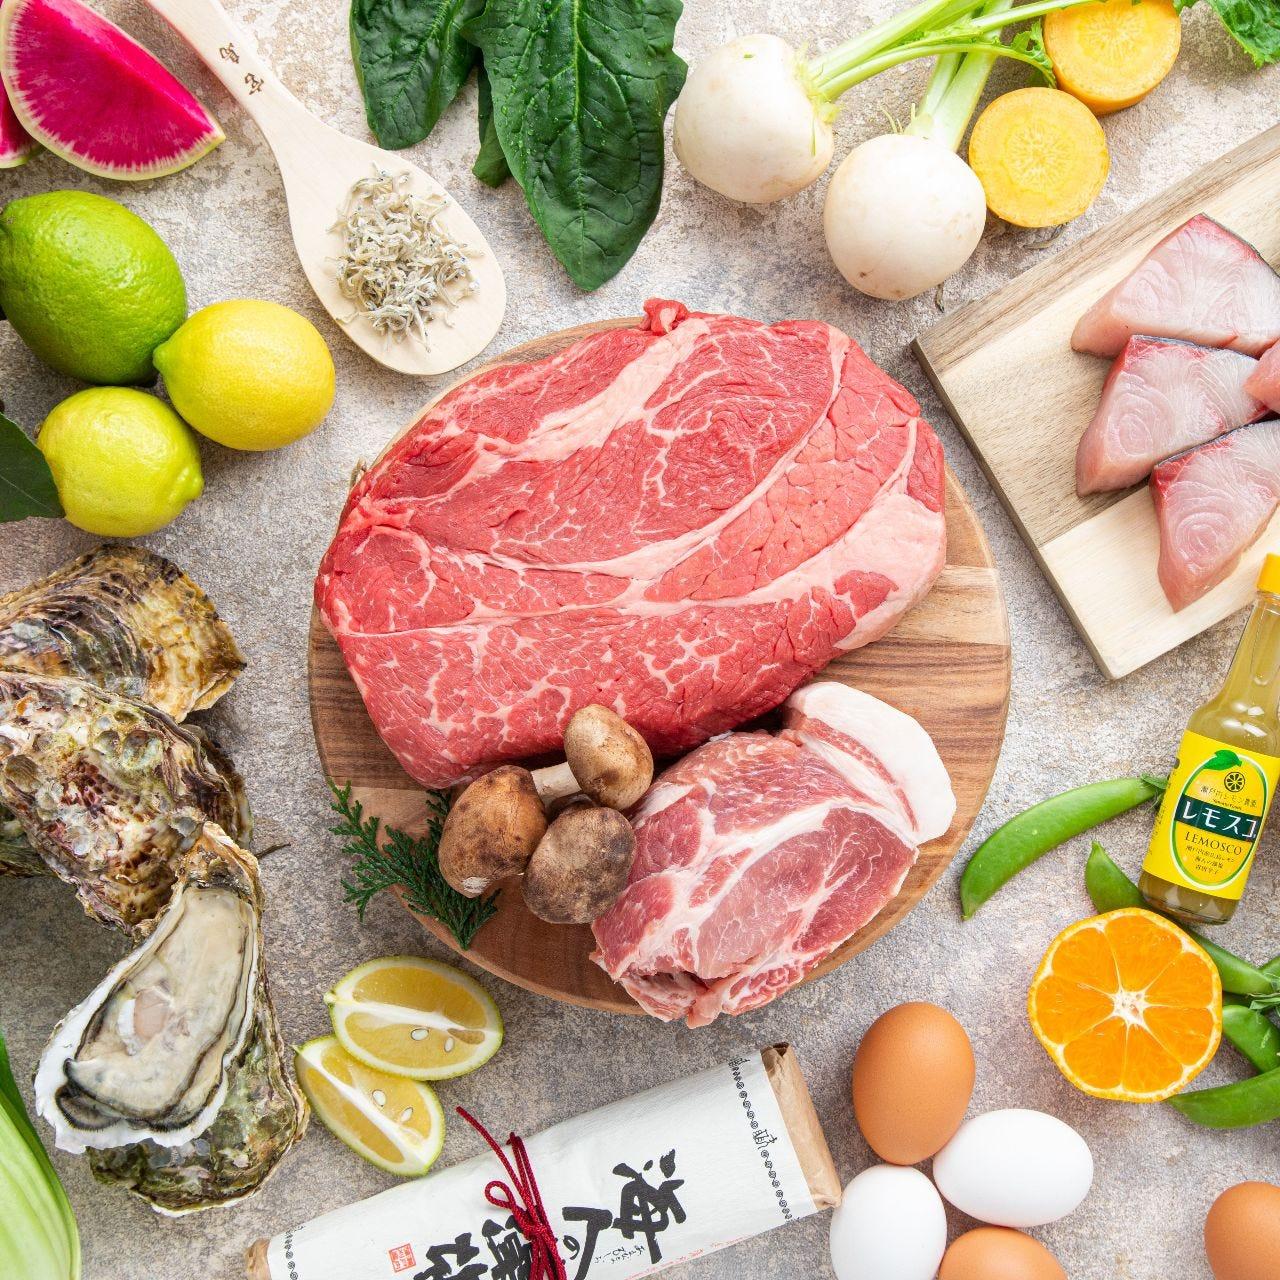 【1月土日祝ランチ】Cheer HIROSHIMA!~食べて応援!~瀬戸もみじ豚など広島の美味が食べ放題